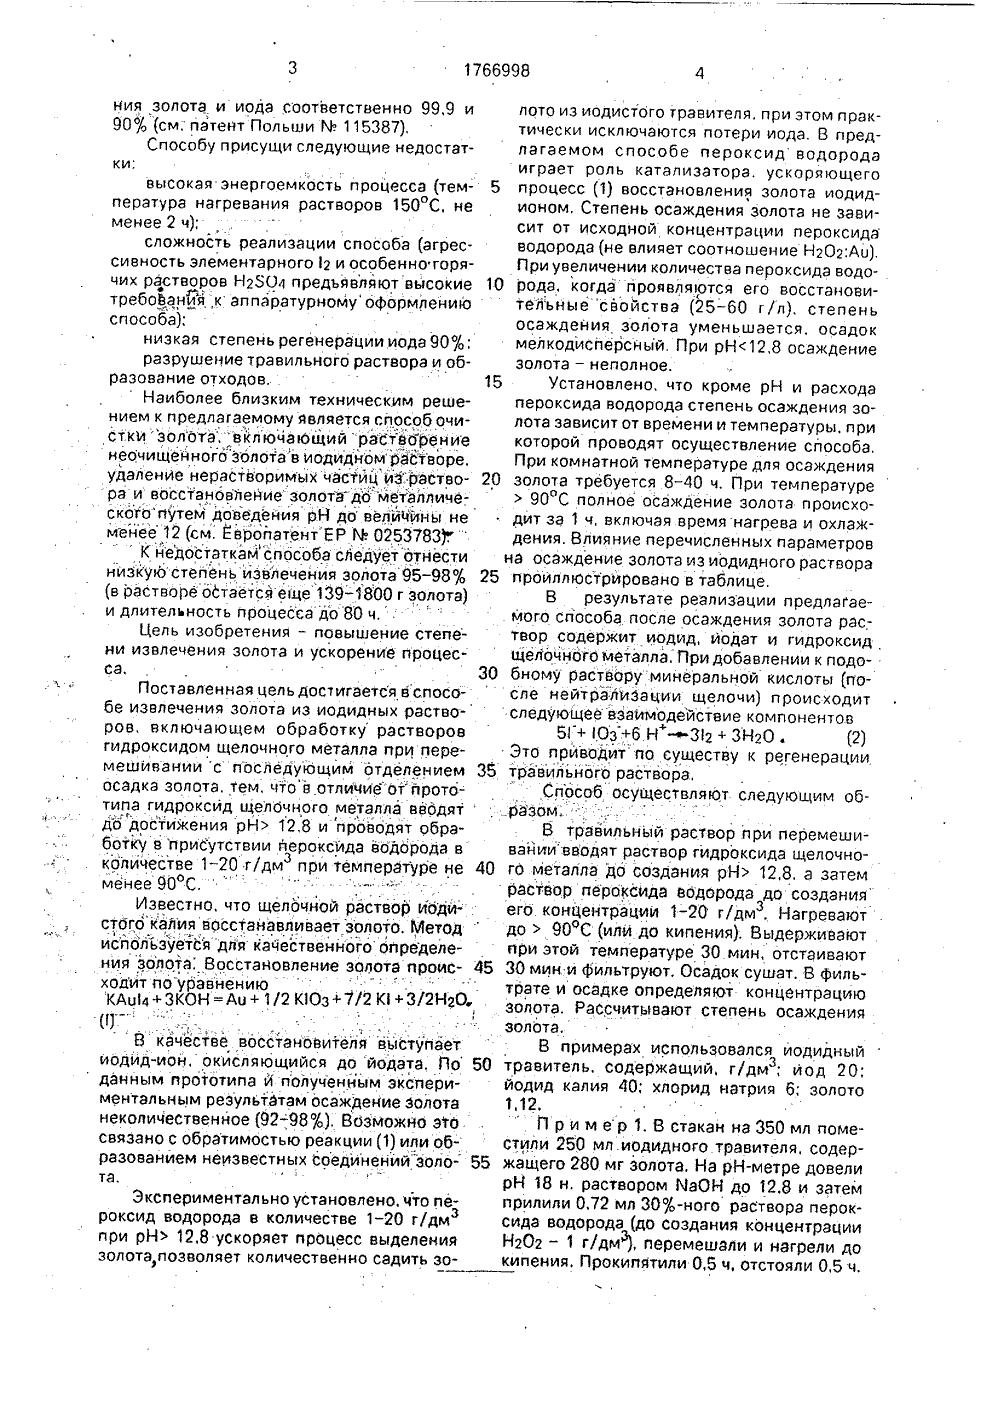 [Изображение: 1766998-sposob-izvlecheniya-zolota-iz-io...orov-2.png]